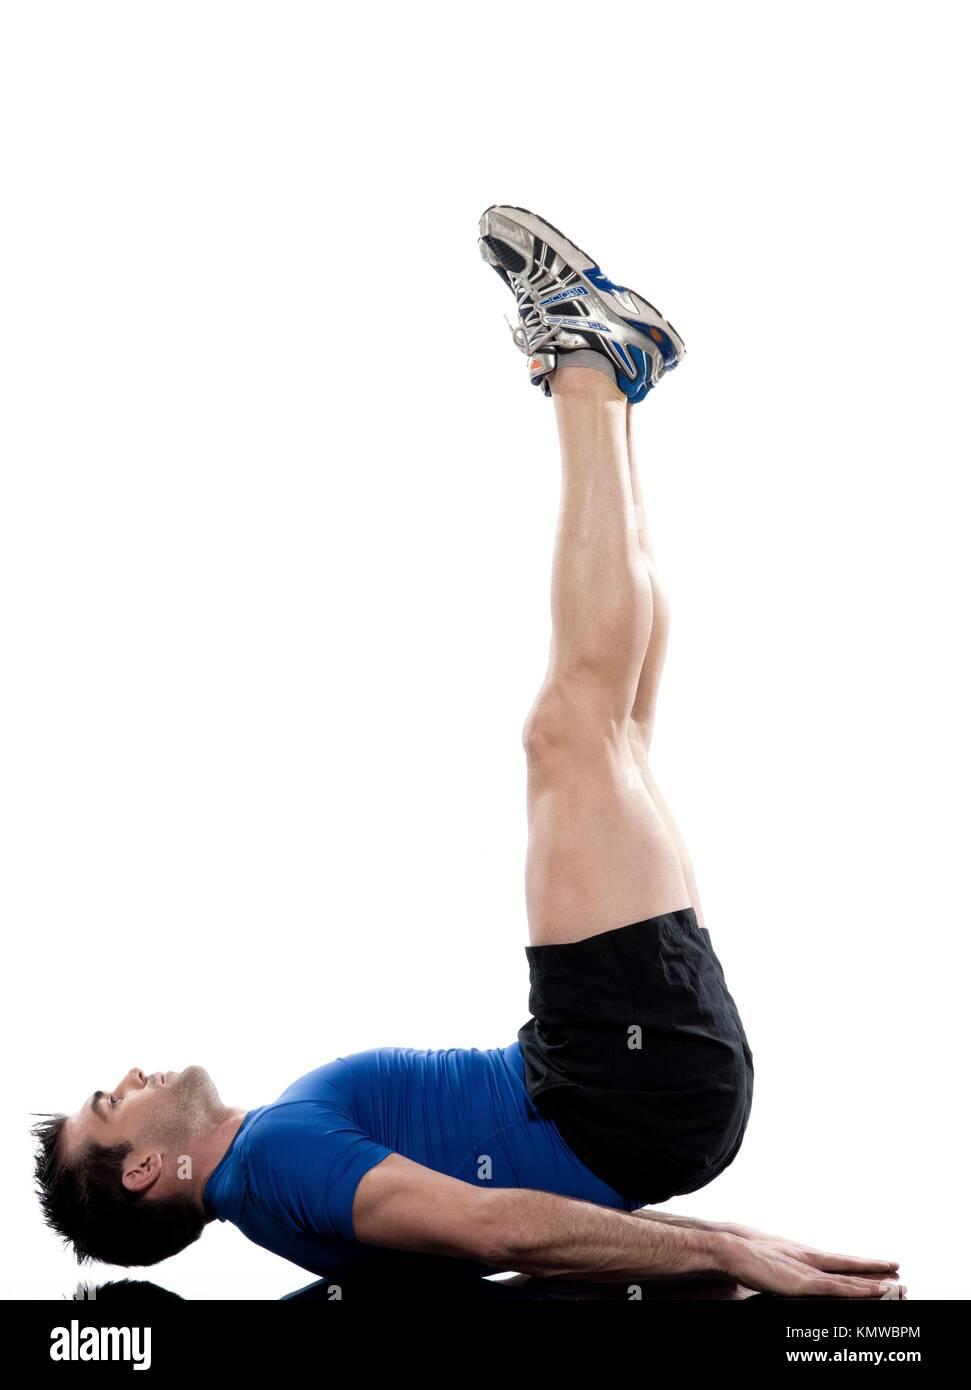 Hombre haciendo ejercicios abdominales postura sobre fondo blanco aisladas  puente elevaciones de Cadera Imagen De Stock aa65e4c41330